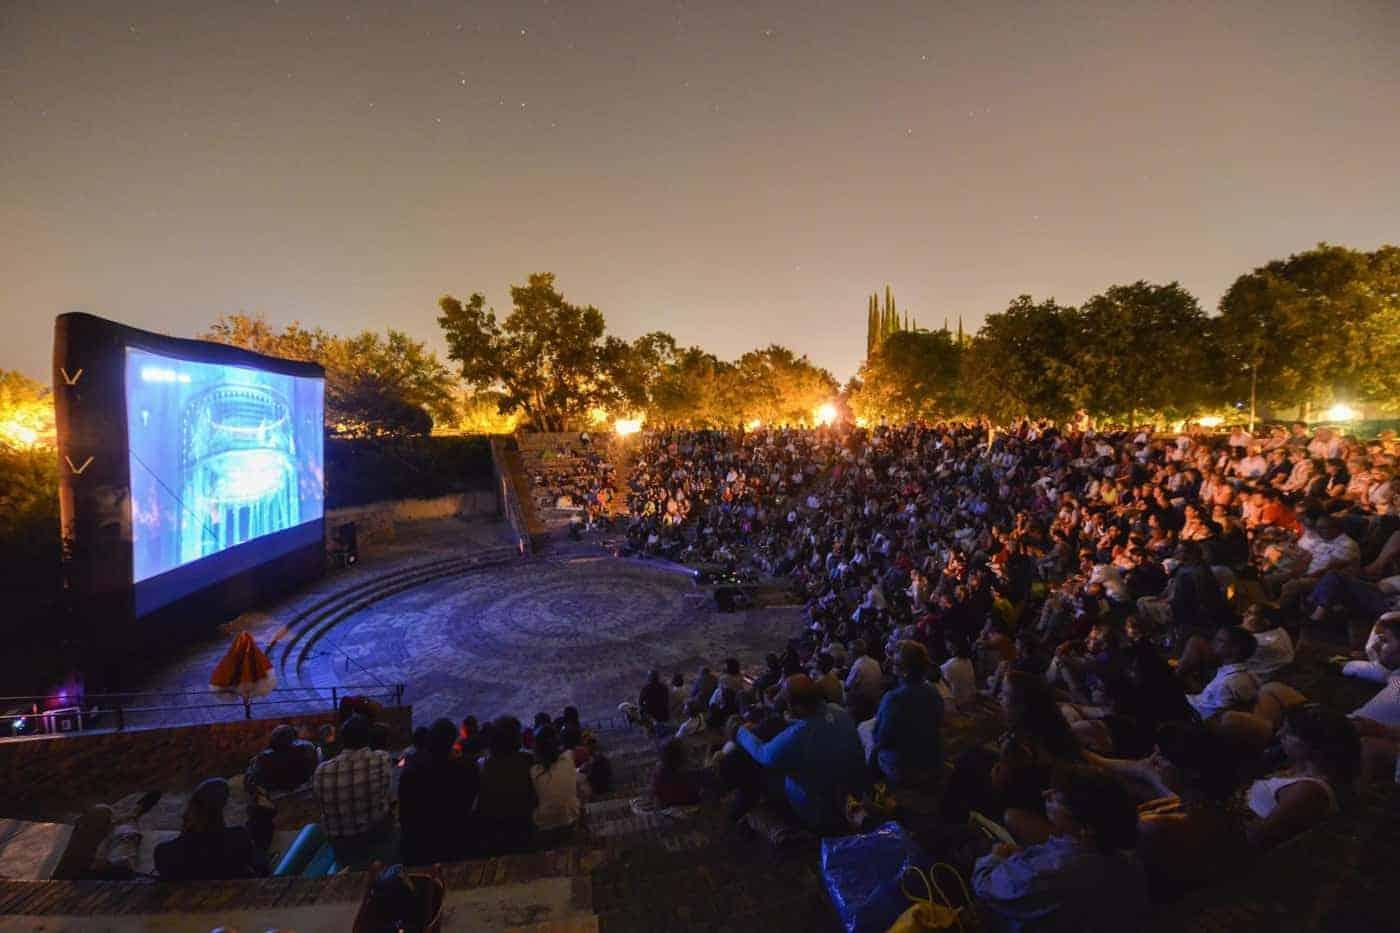 , Des séances de cinéma en plein air cet été à Aix-en-Provence, Made in Marseille, Made in Marseille